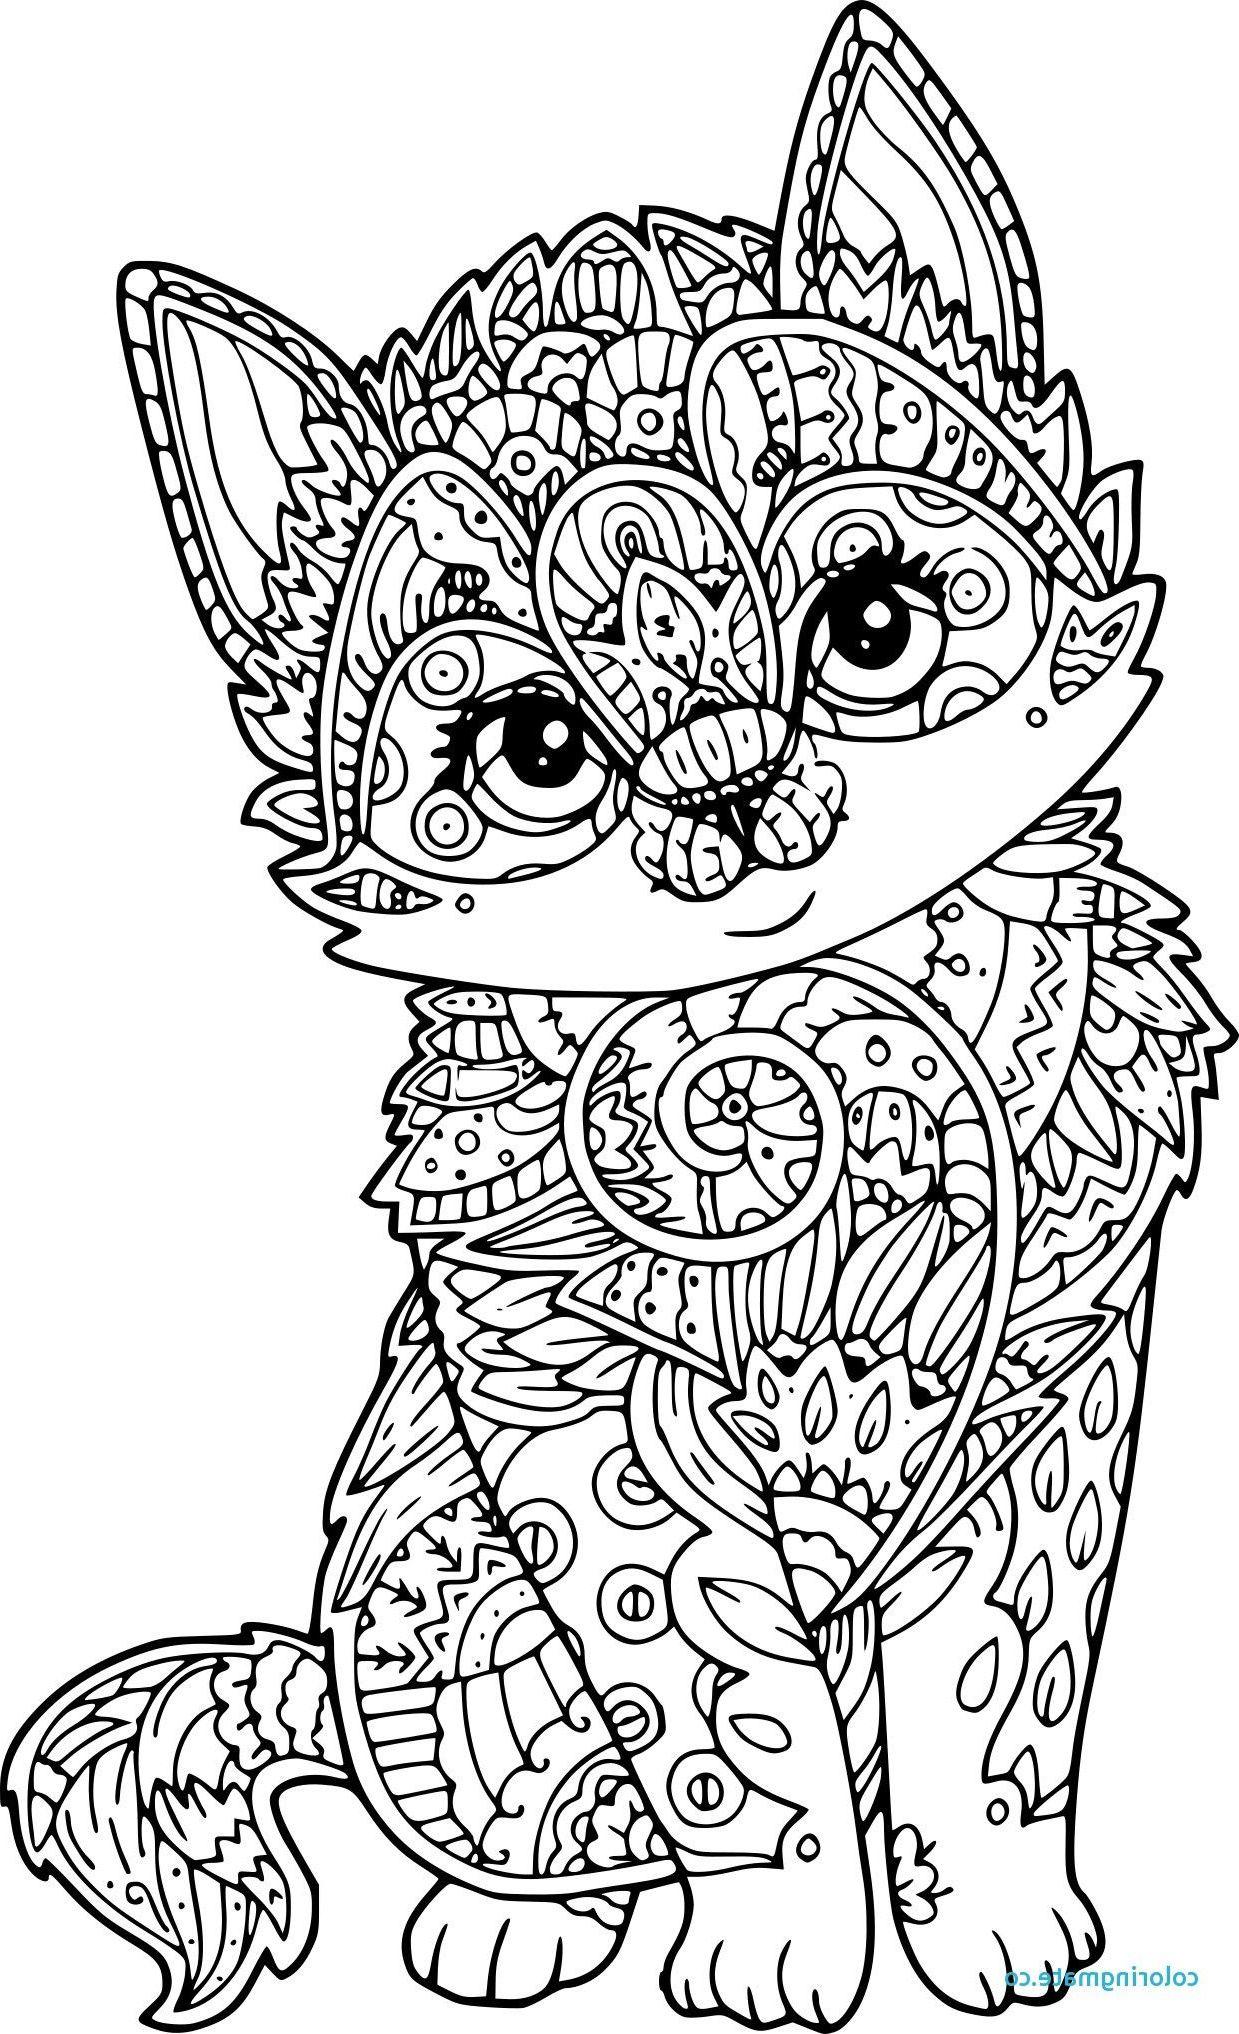 Coloriage Mandala Chat Papillon Fresh Coloriage Chat Mandalas Para Colorear Animales Mandalas Para Colorear Dibujos [ 2034 x 1239 Pixel ]